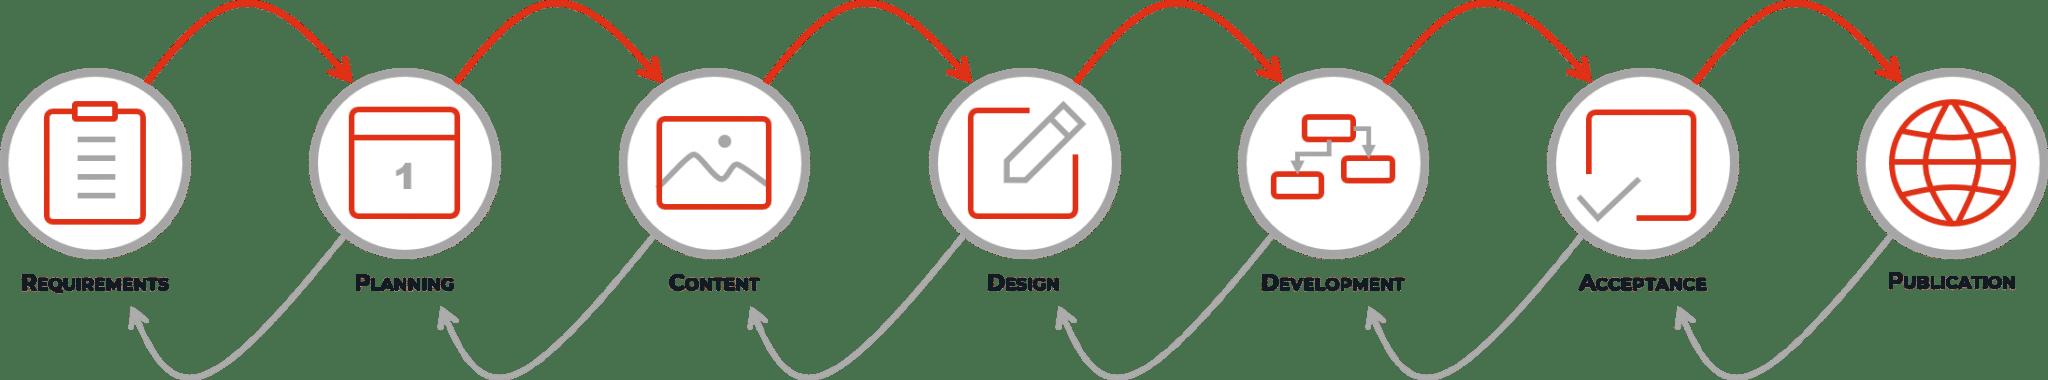 Graphique H de process de développement de L'IdéeCom, votre agence marketing